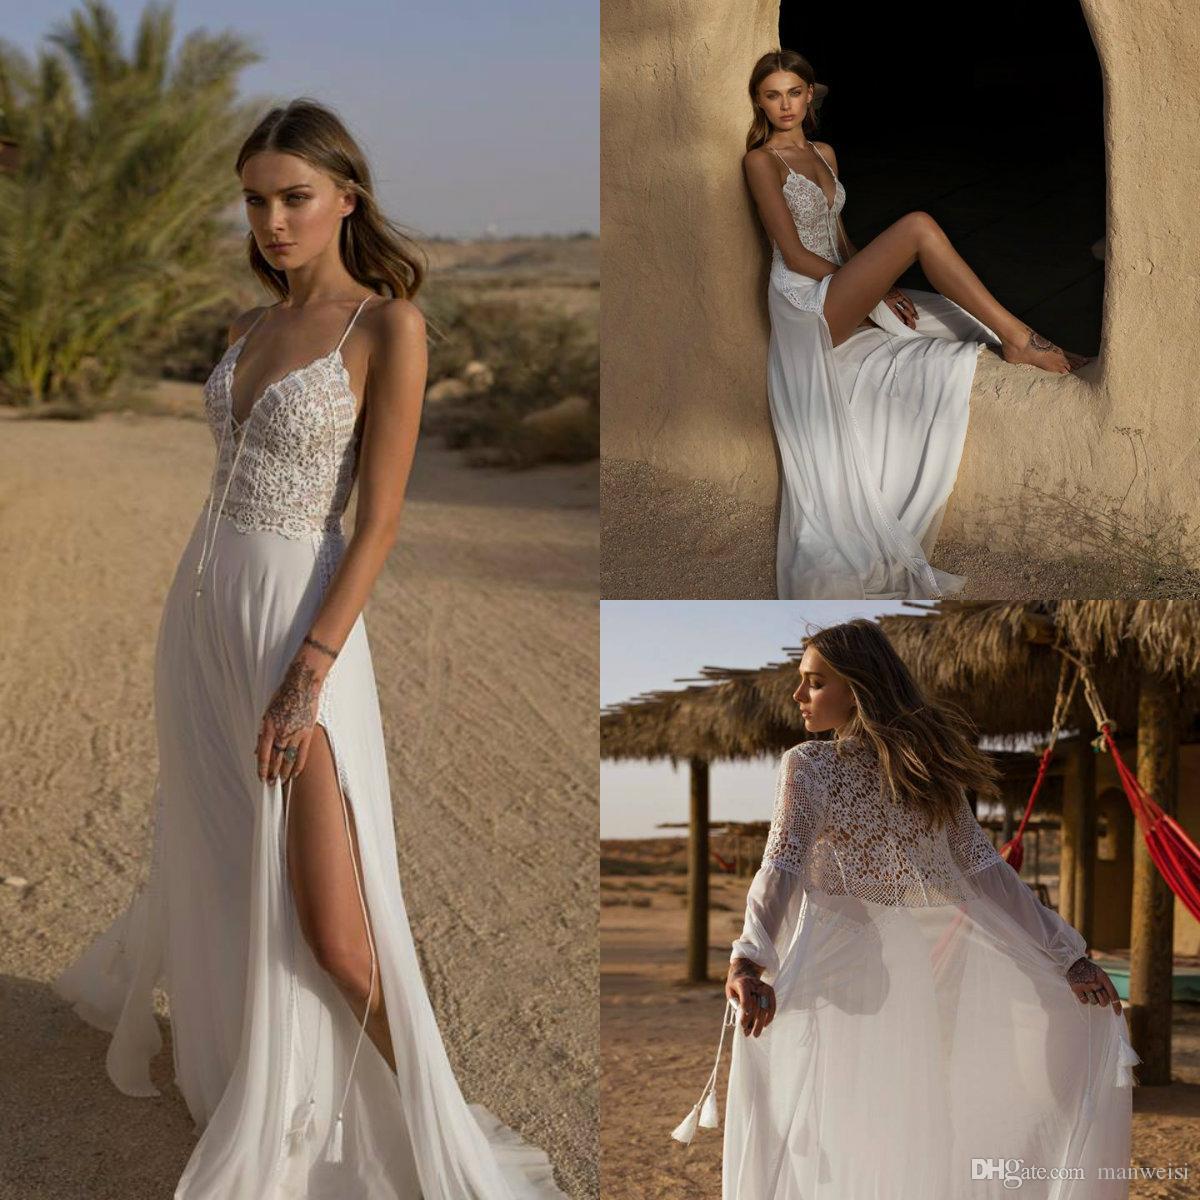 2a4b8dcc3f949 Asaf Dadush 2019 Beach Split Wedding Dresses With Wrap Sexy Spaghetti Strap V  Neck Chiffon Boho Bridal Gowns A Line Bohemian Wedding Dress Wedding  Dresses ...